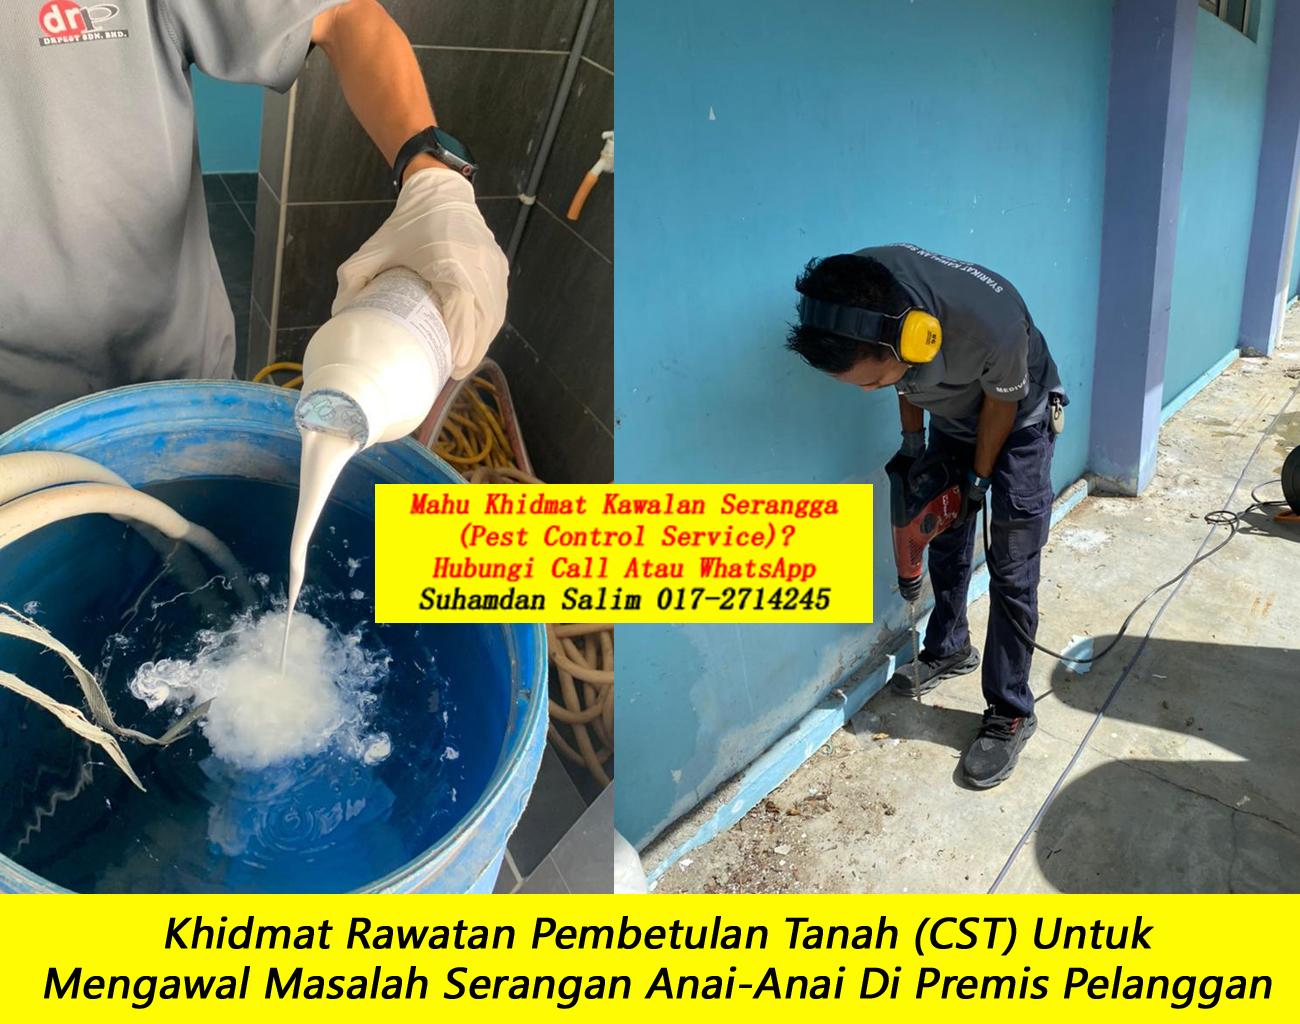 khidmat rawatan dan pencegahan masalah anai anai di Kampung Baru kl oleh syarikat kawalan serangga company pest control kawalan anai anai yang berkesan terbaik di felda